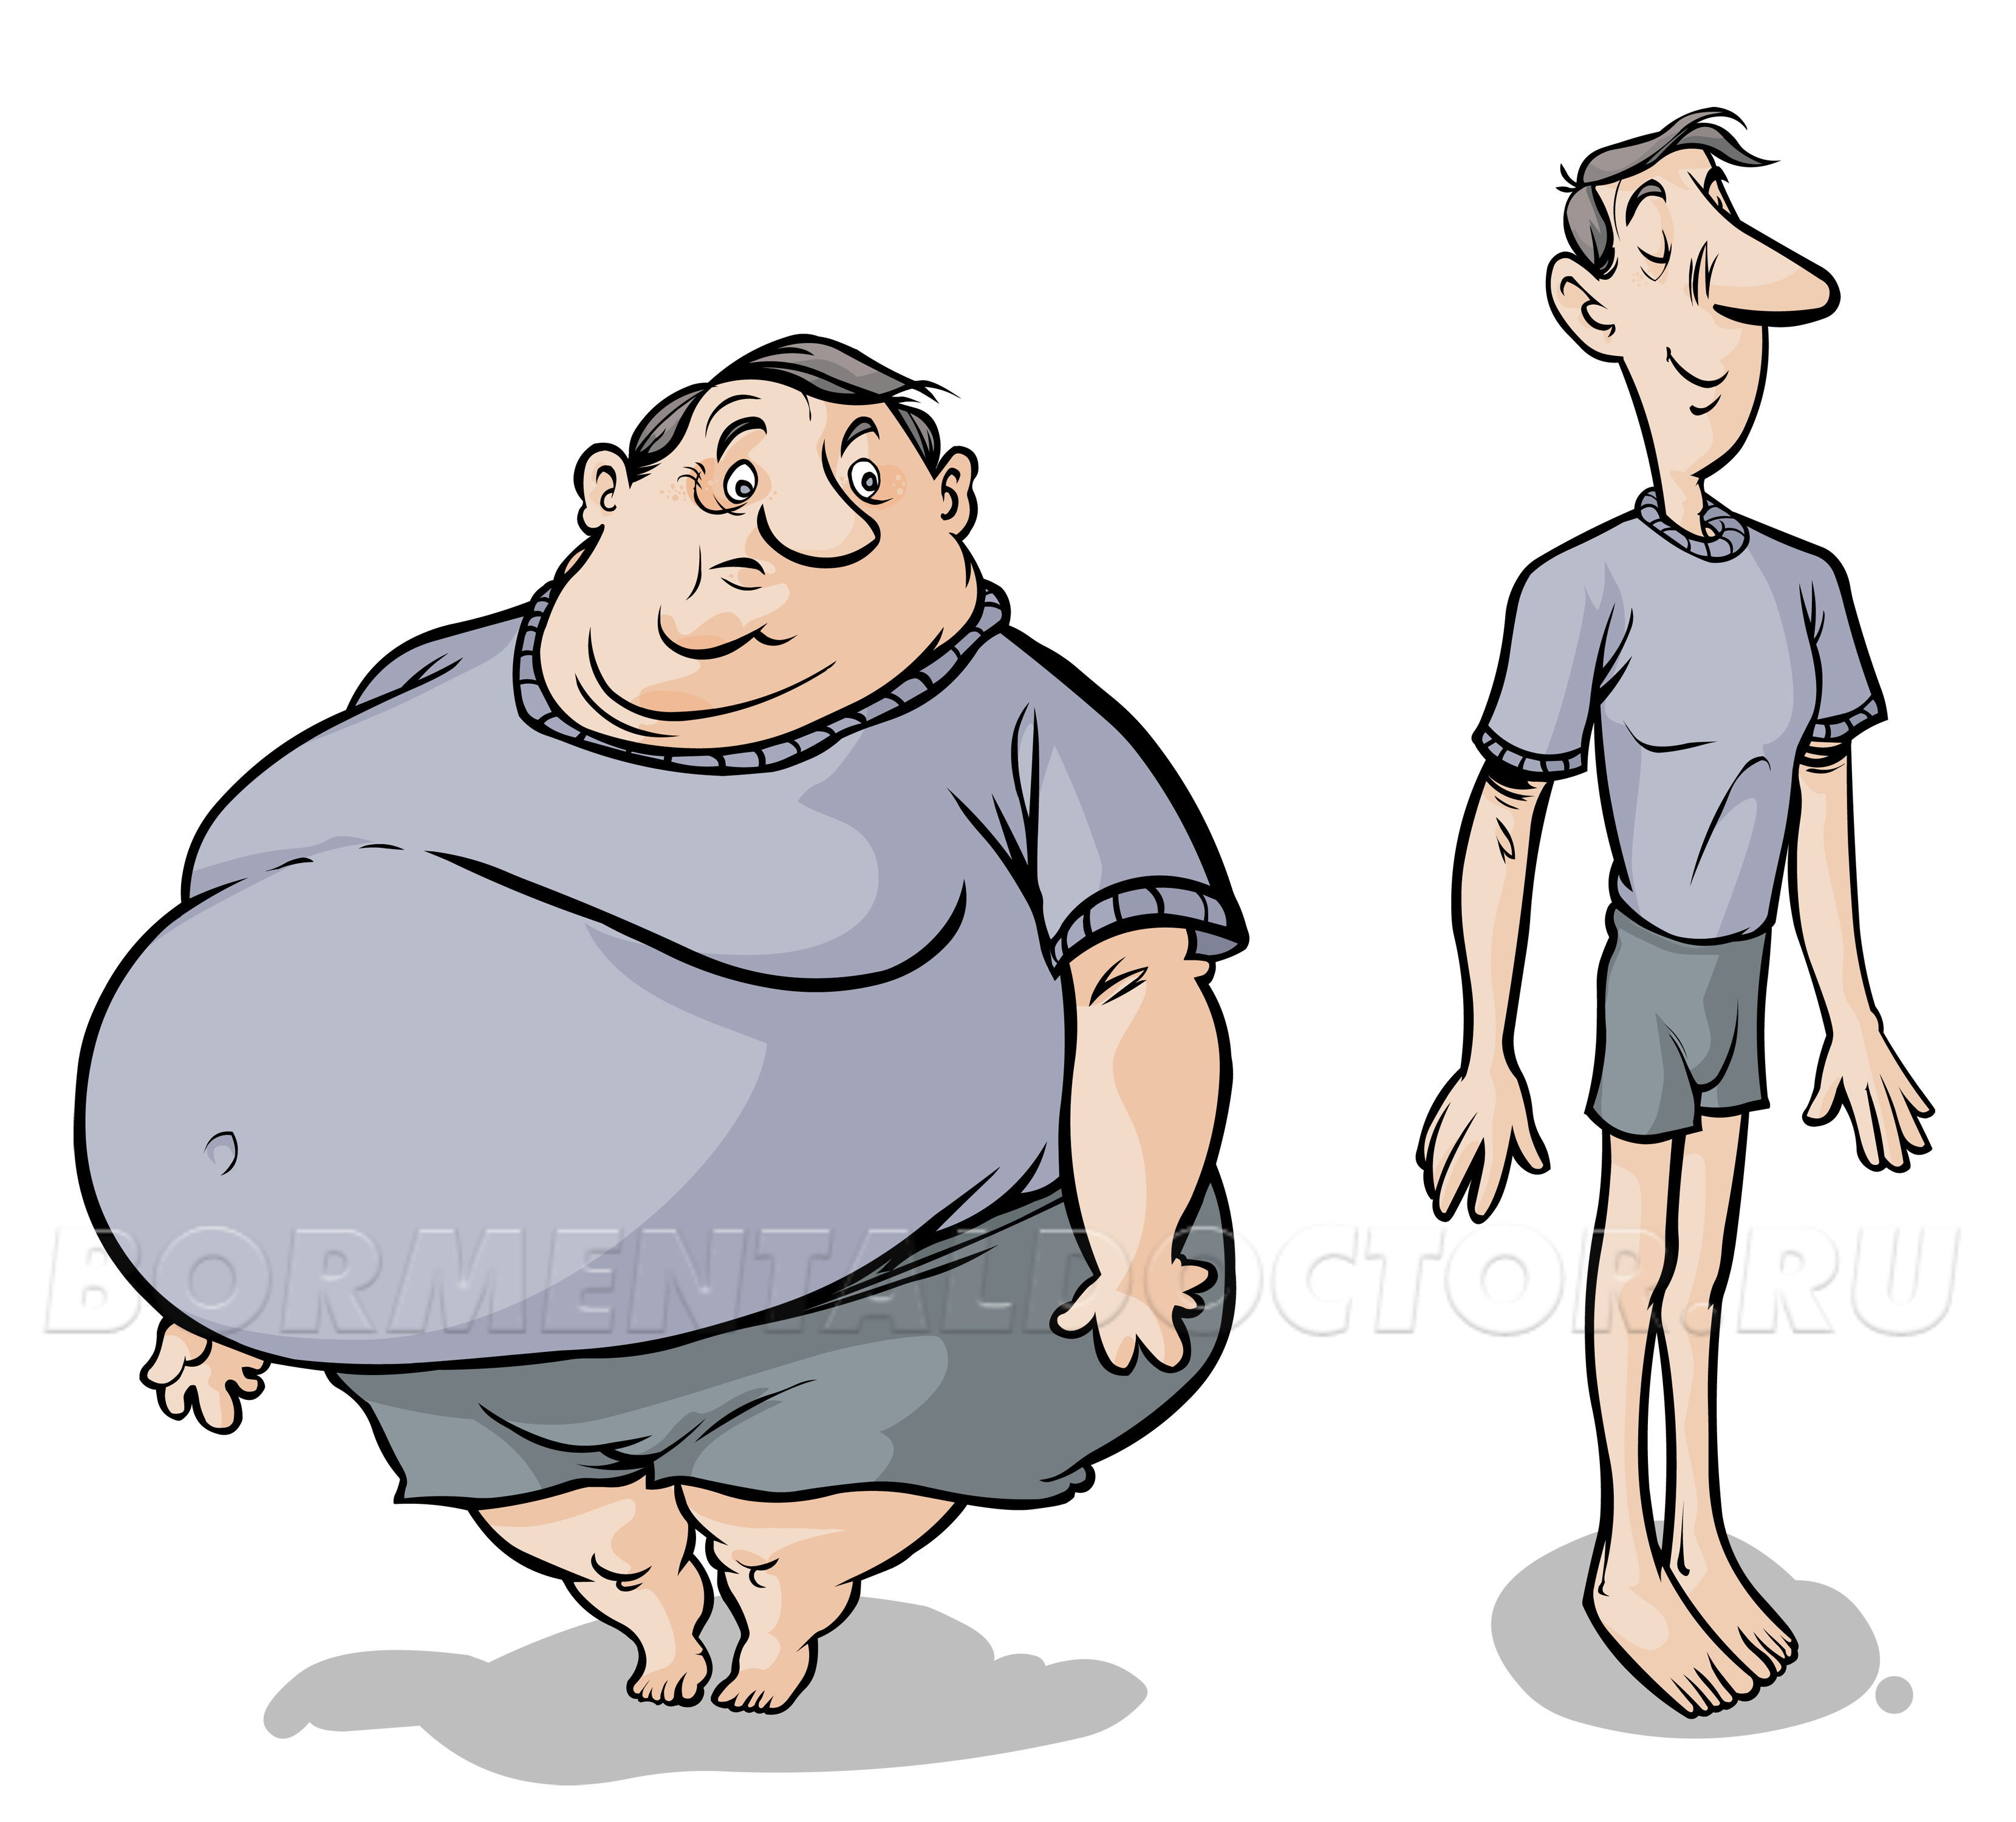 shutterstock 133006715 - Разве бактерии могут вызывать ожирение? Ученые доказали, что – да!